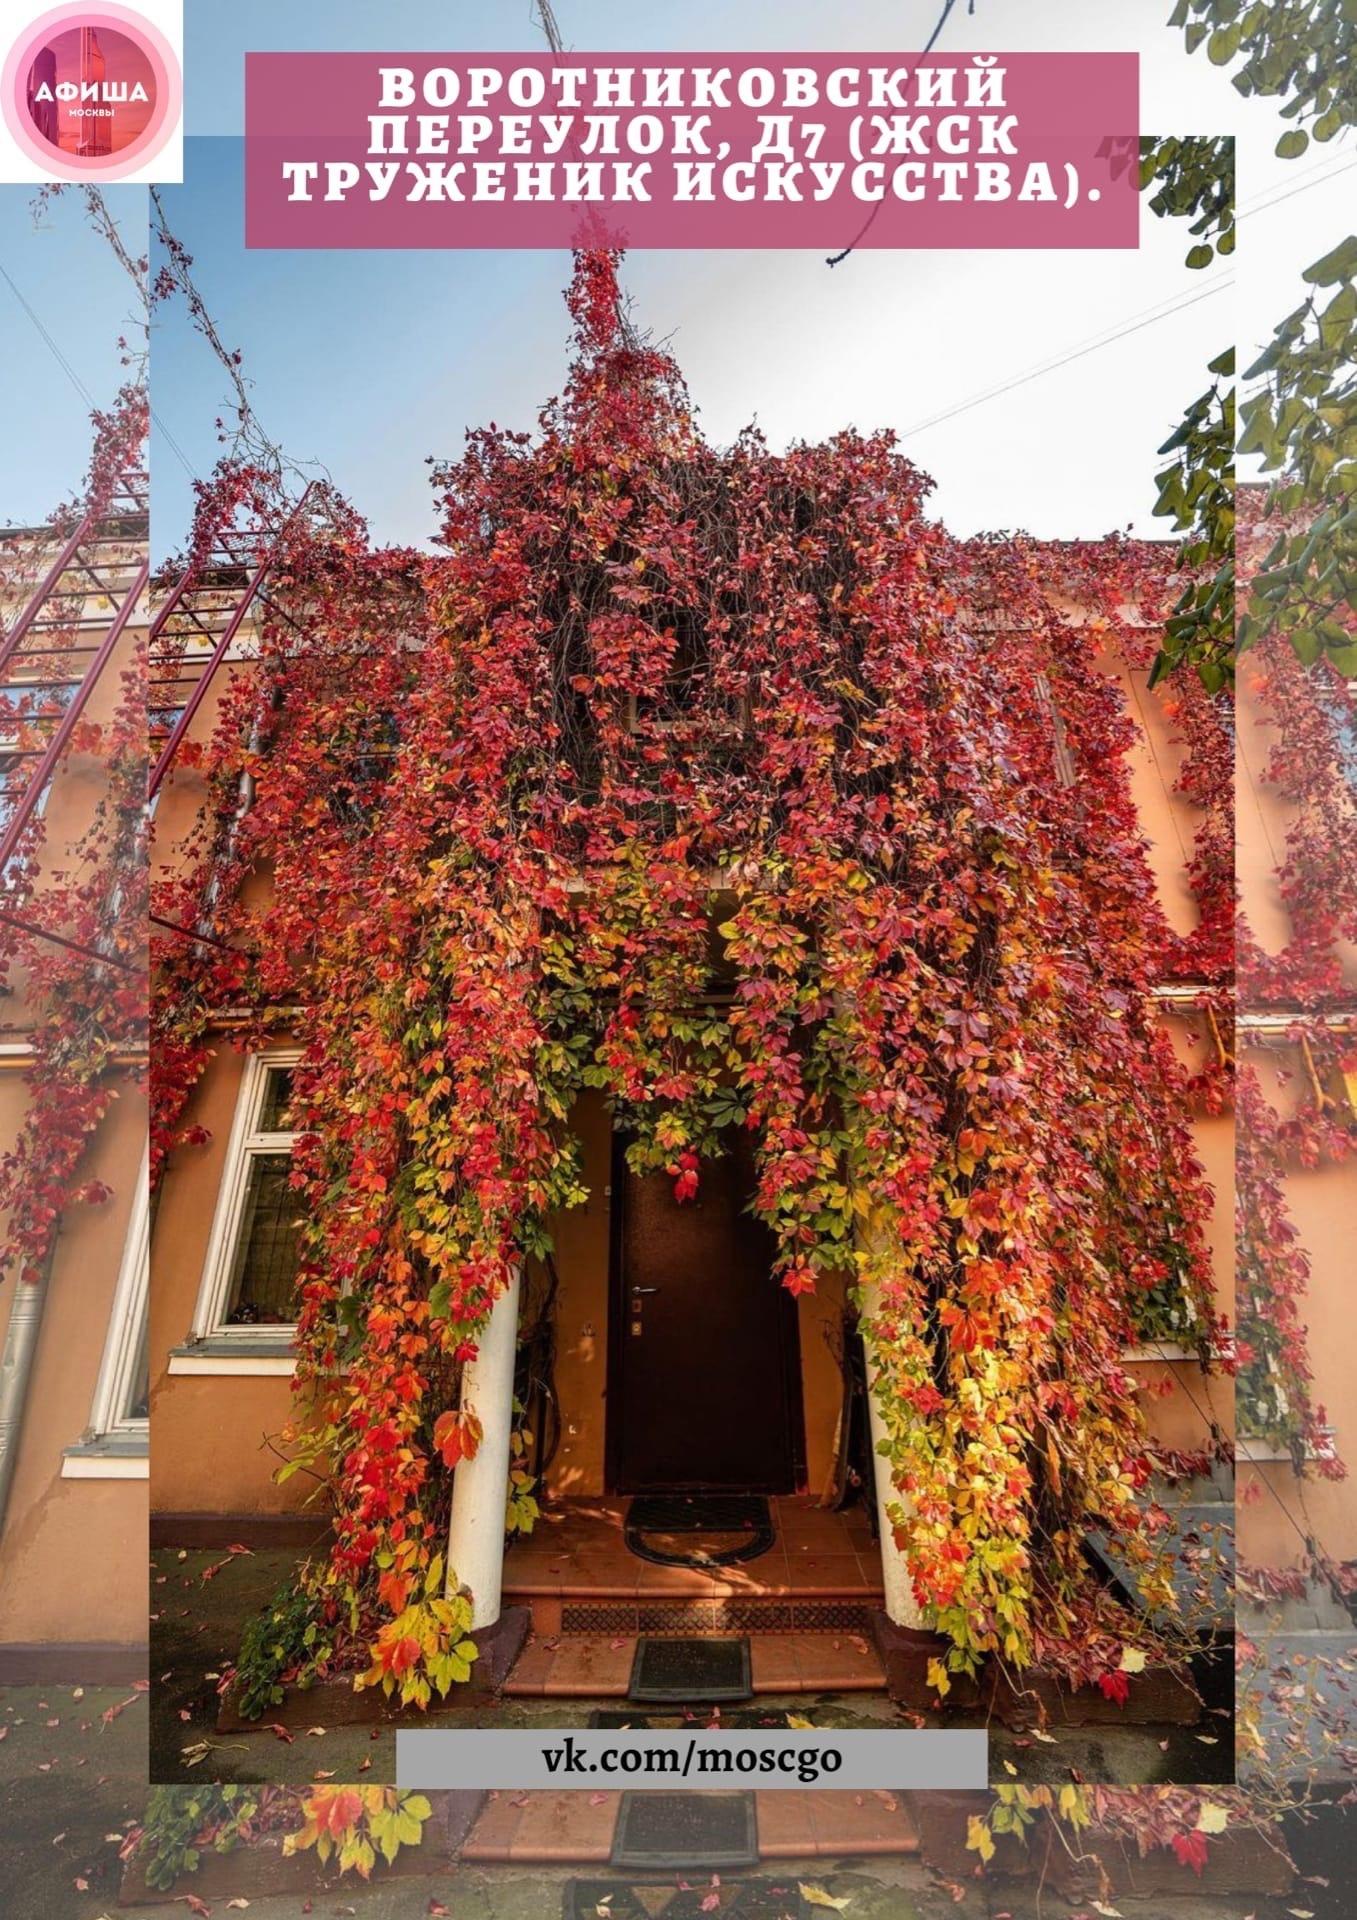 ТОП-10 «виноградных» мест Москвы